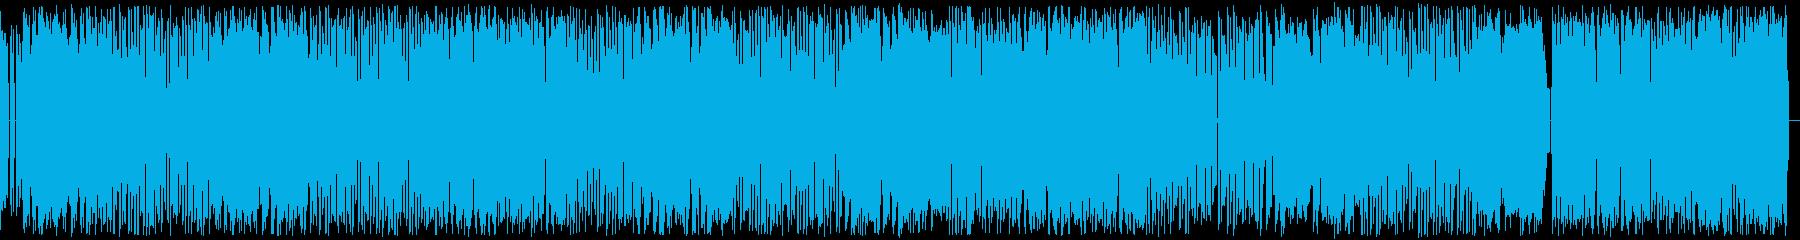 どこか怪しげな懐かしのファミコンサウンドの再生済みの波形